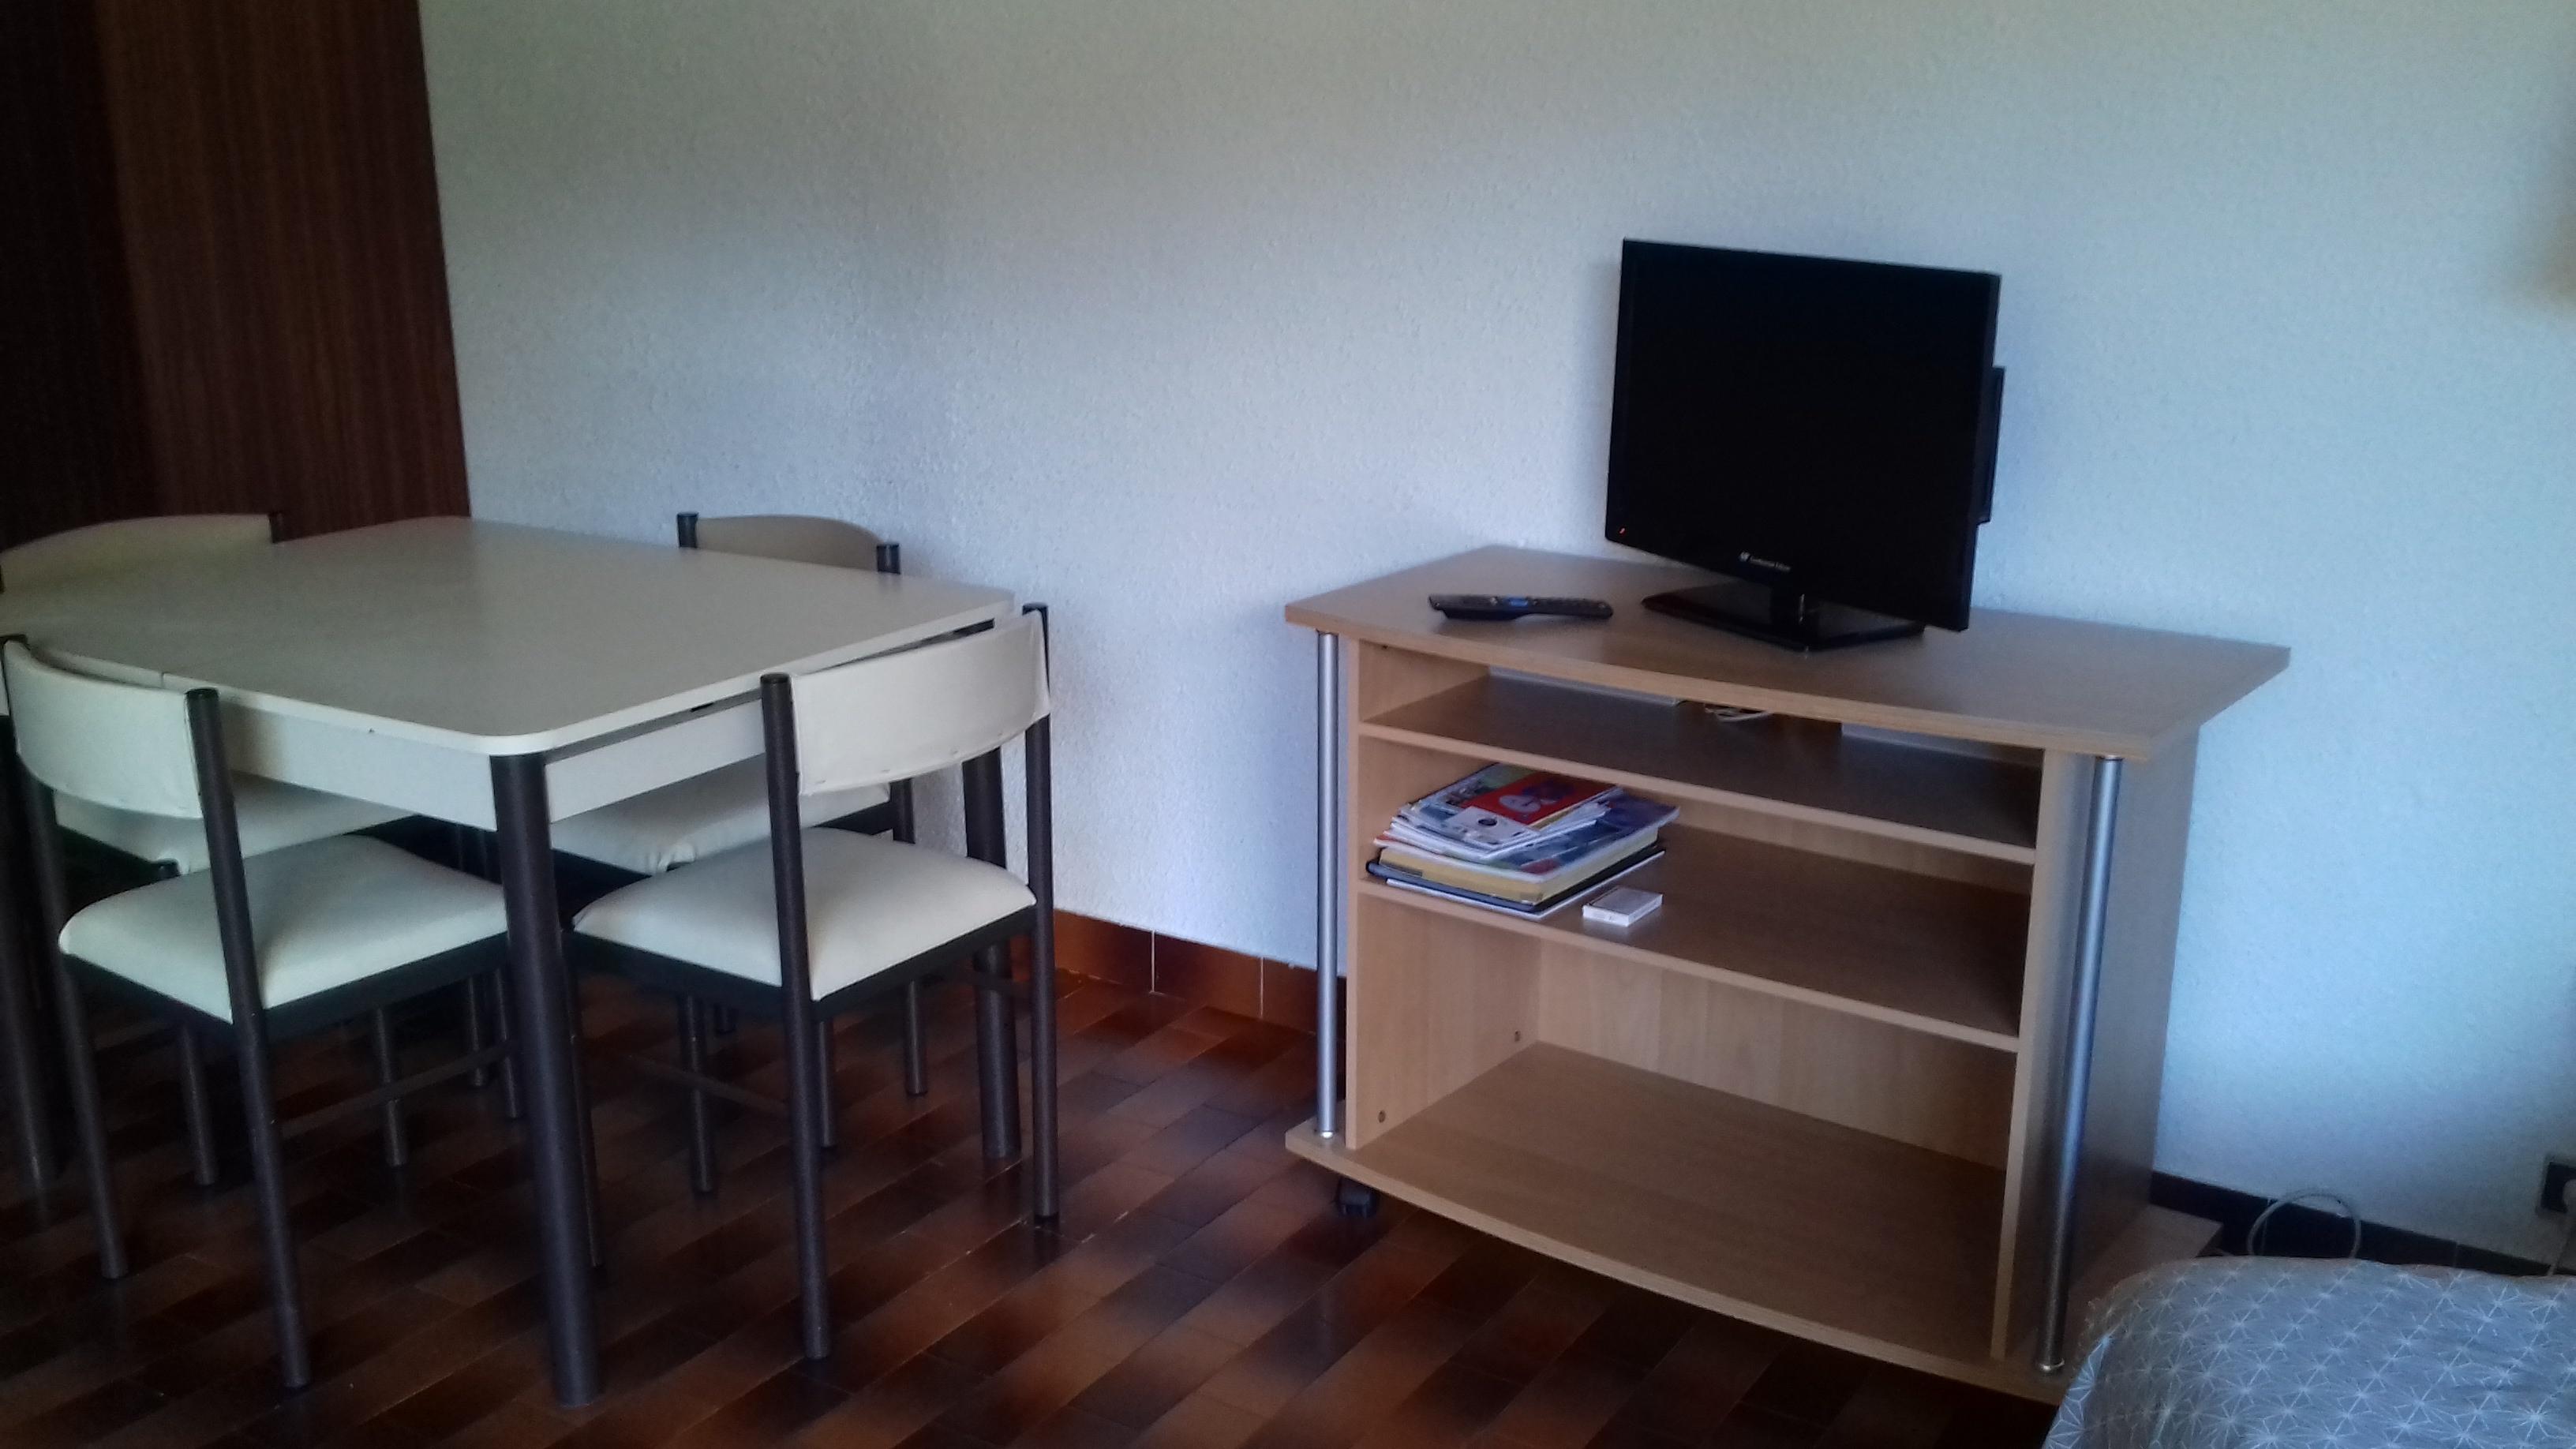 loiseau coin sam - ANCELLE STUDIO MONTAGNE 28 m2 (4/6 couchages)